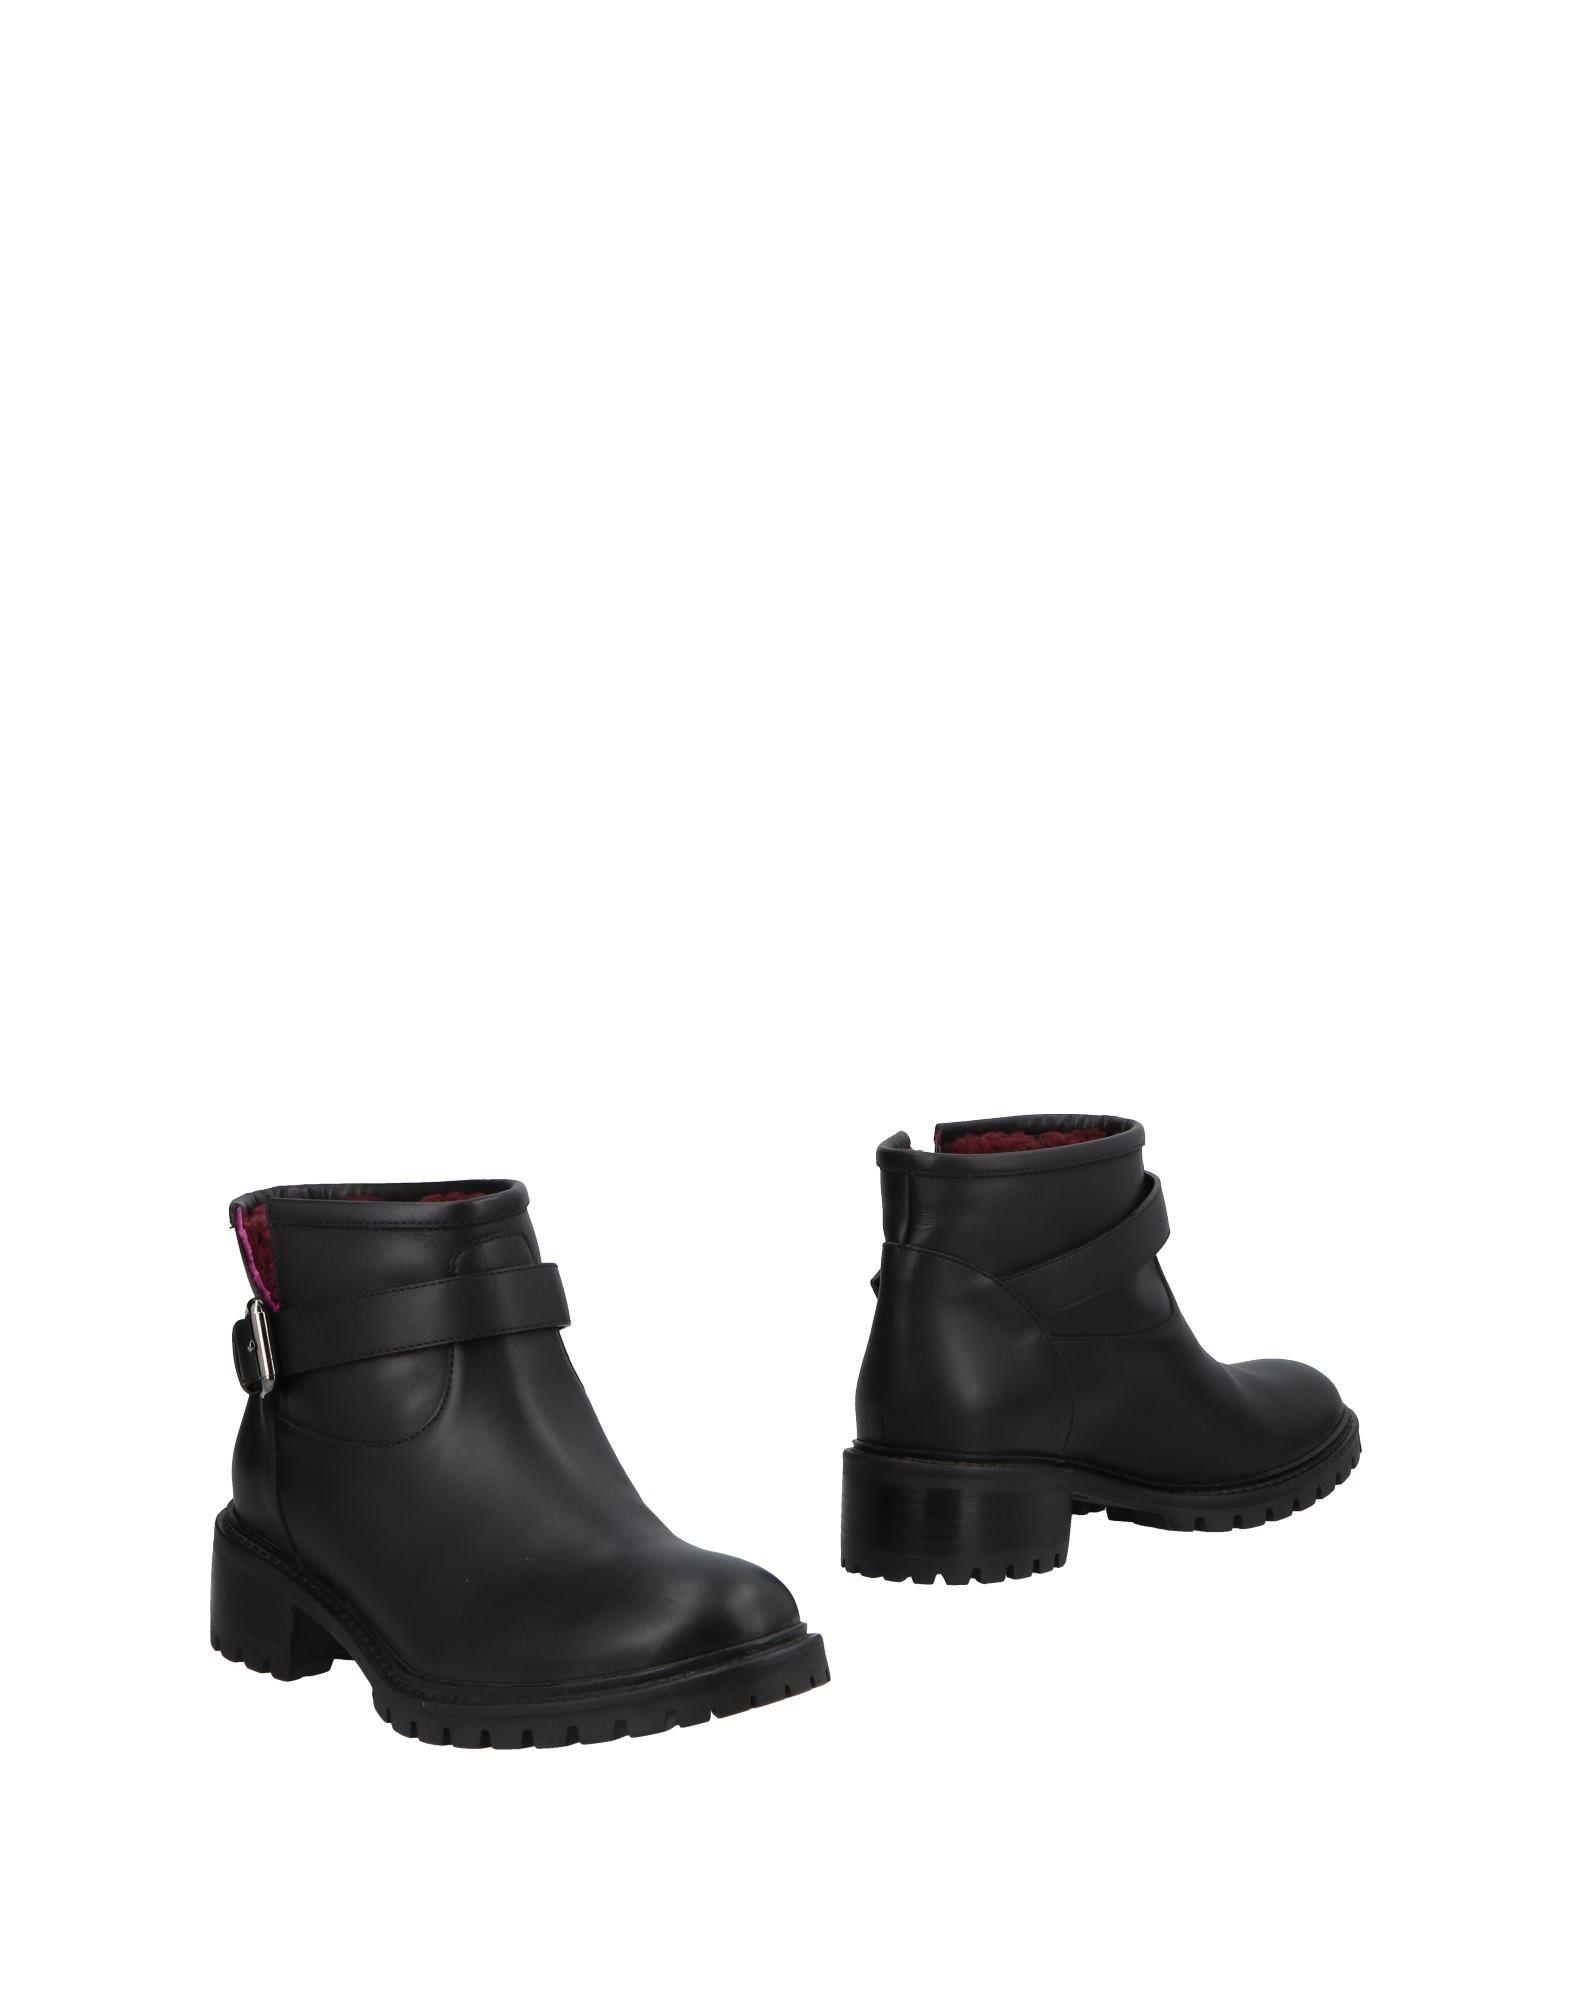 Bottine Fendi Femme - Bottines Fendi Noir Nouvelles chaussures pour hommes et femmes, remise limitée dans le temps